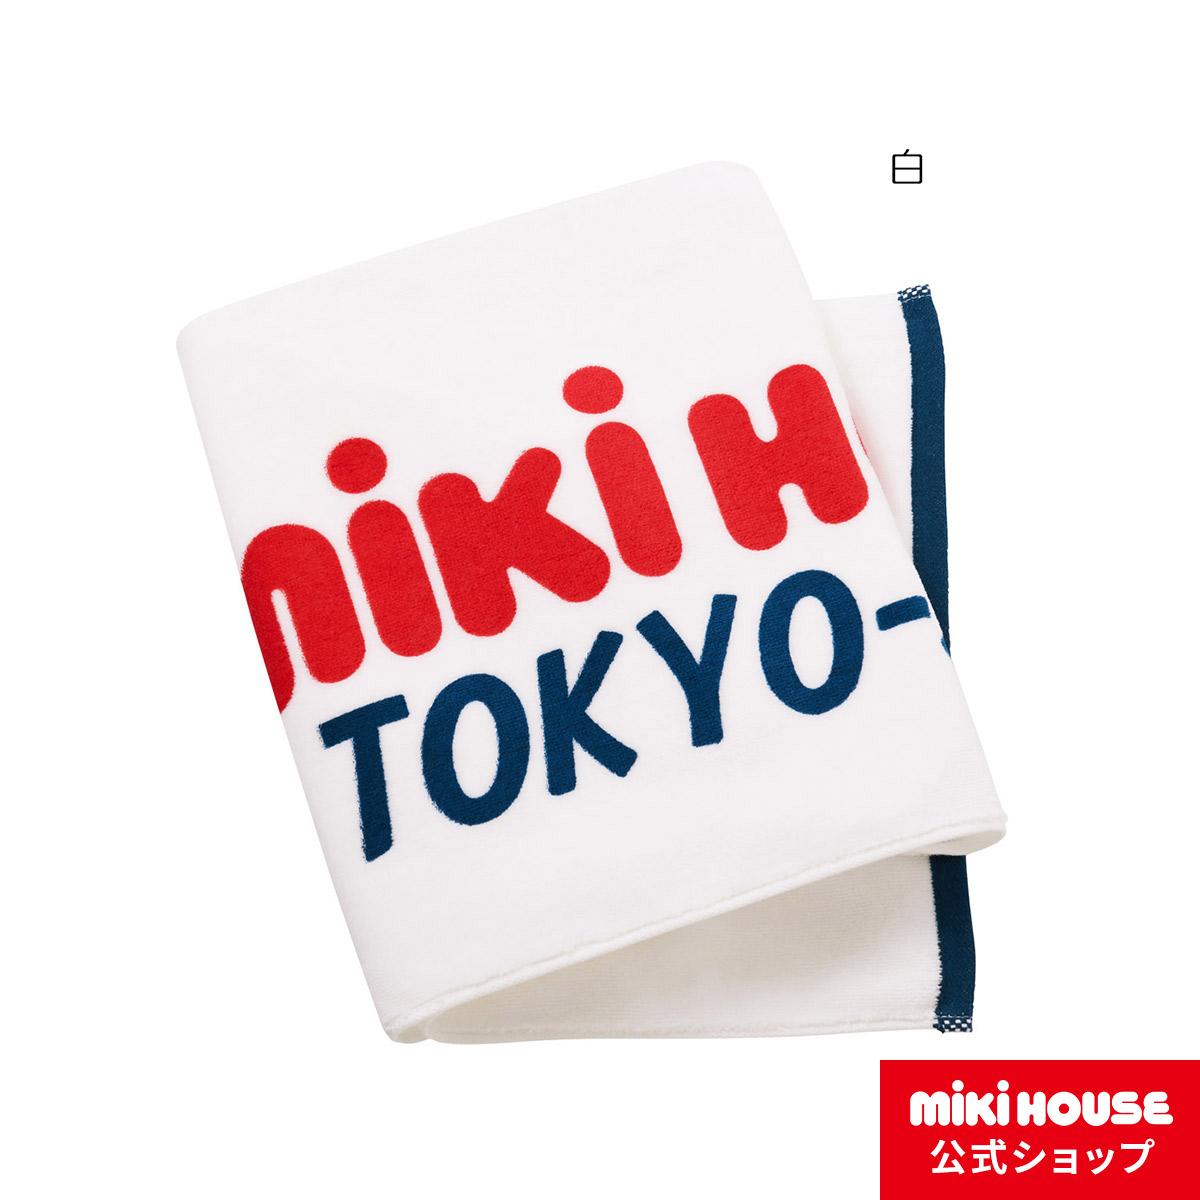 ミキハウス 1年保証 mikihouse スポーツタオル 超特価 TOKYO-JAPAN